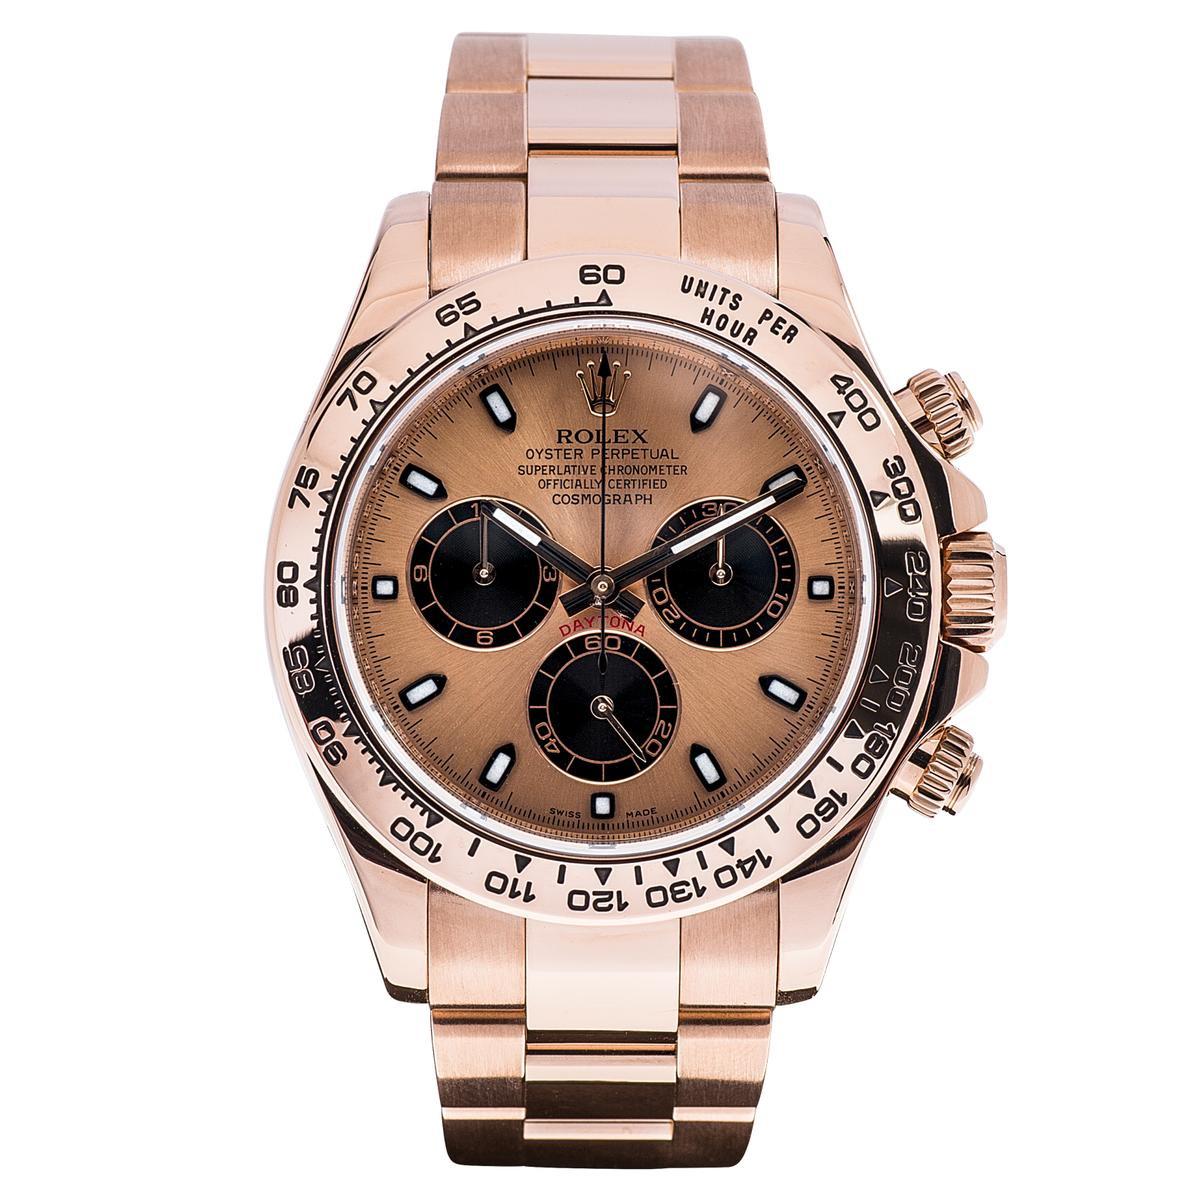 Preowned Rolex Daytona Everose